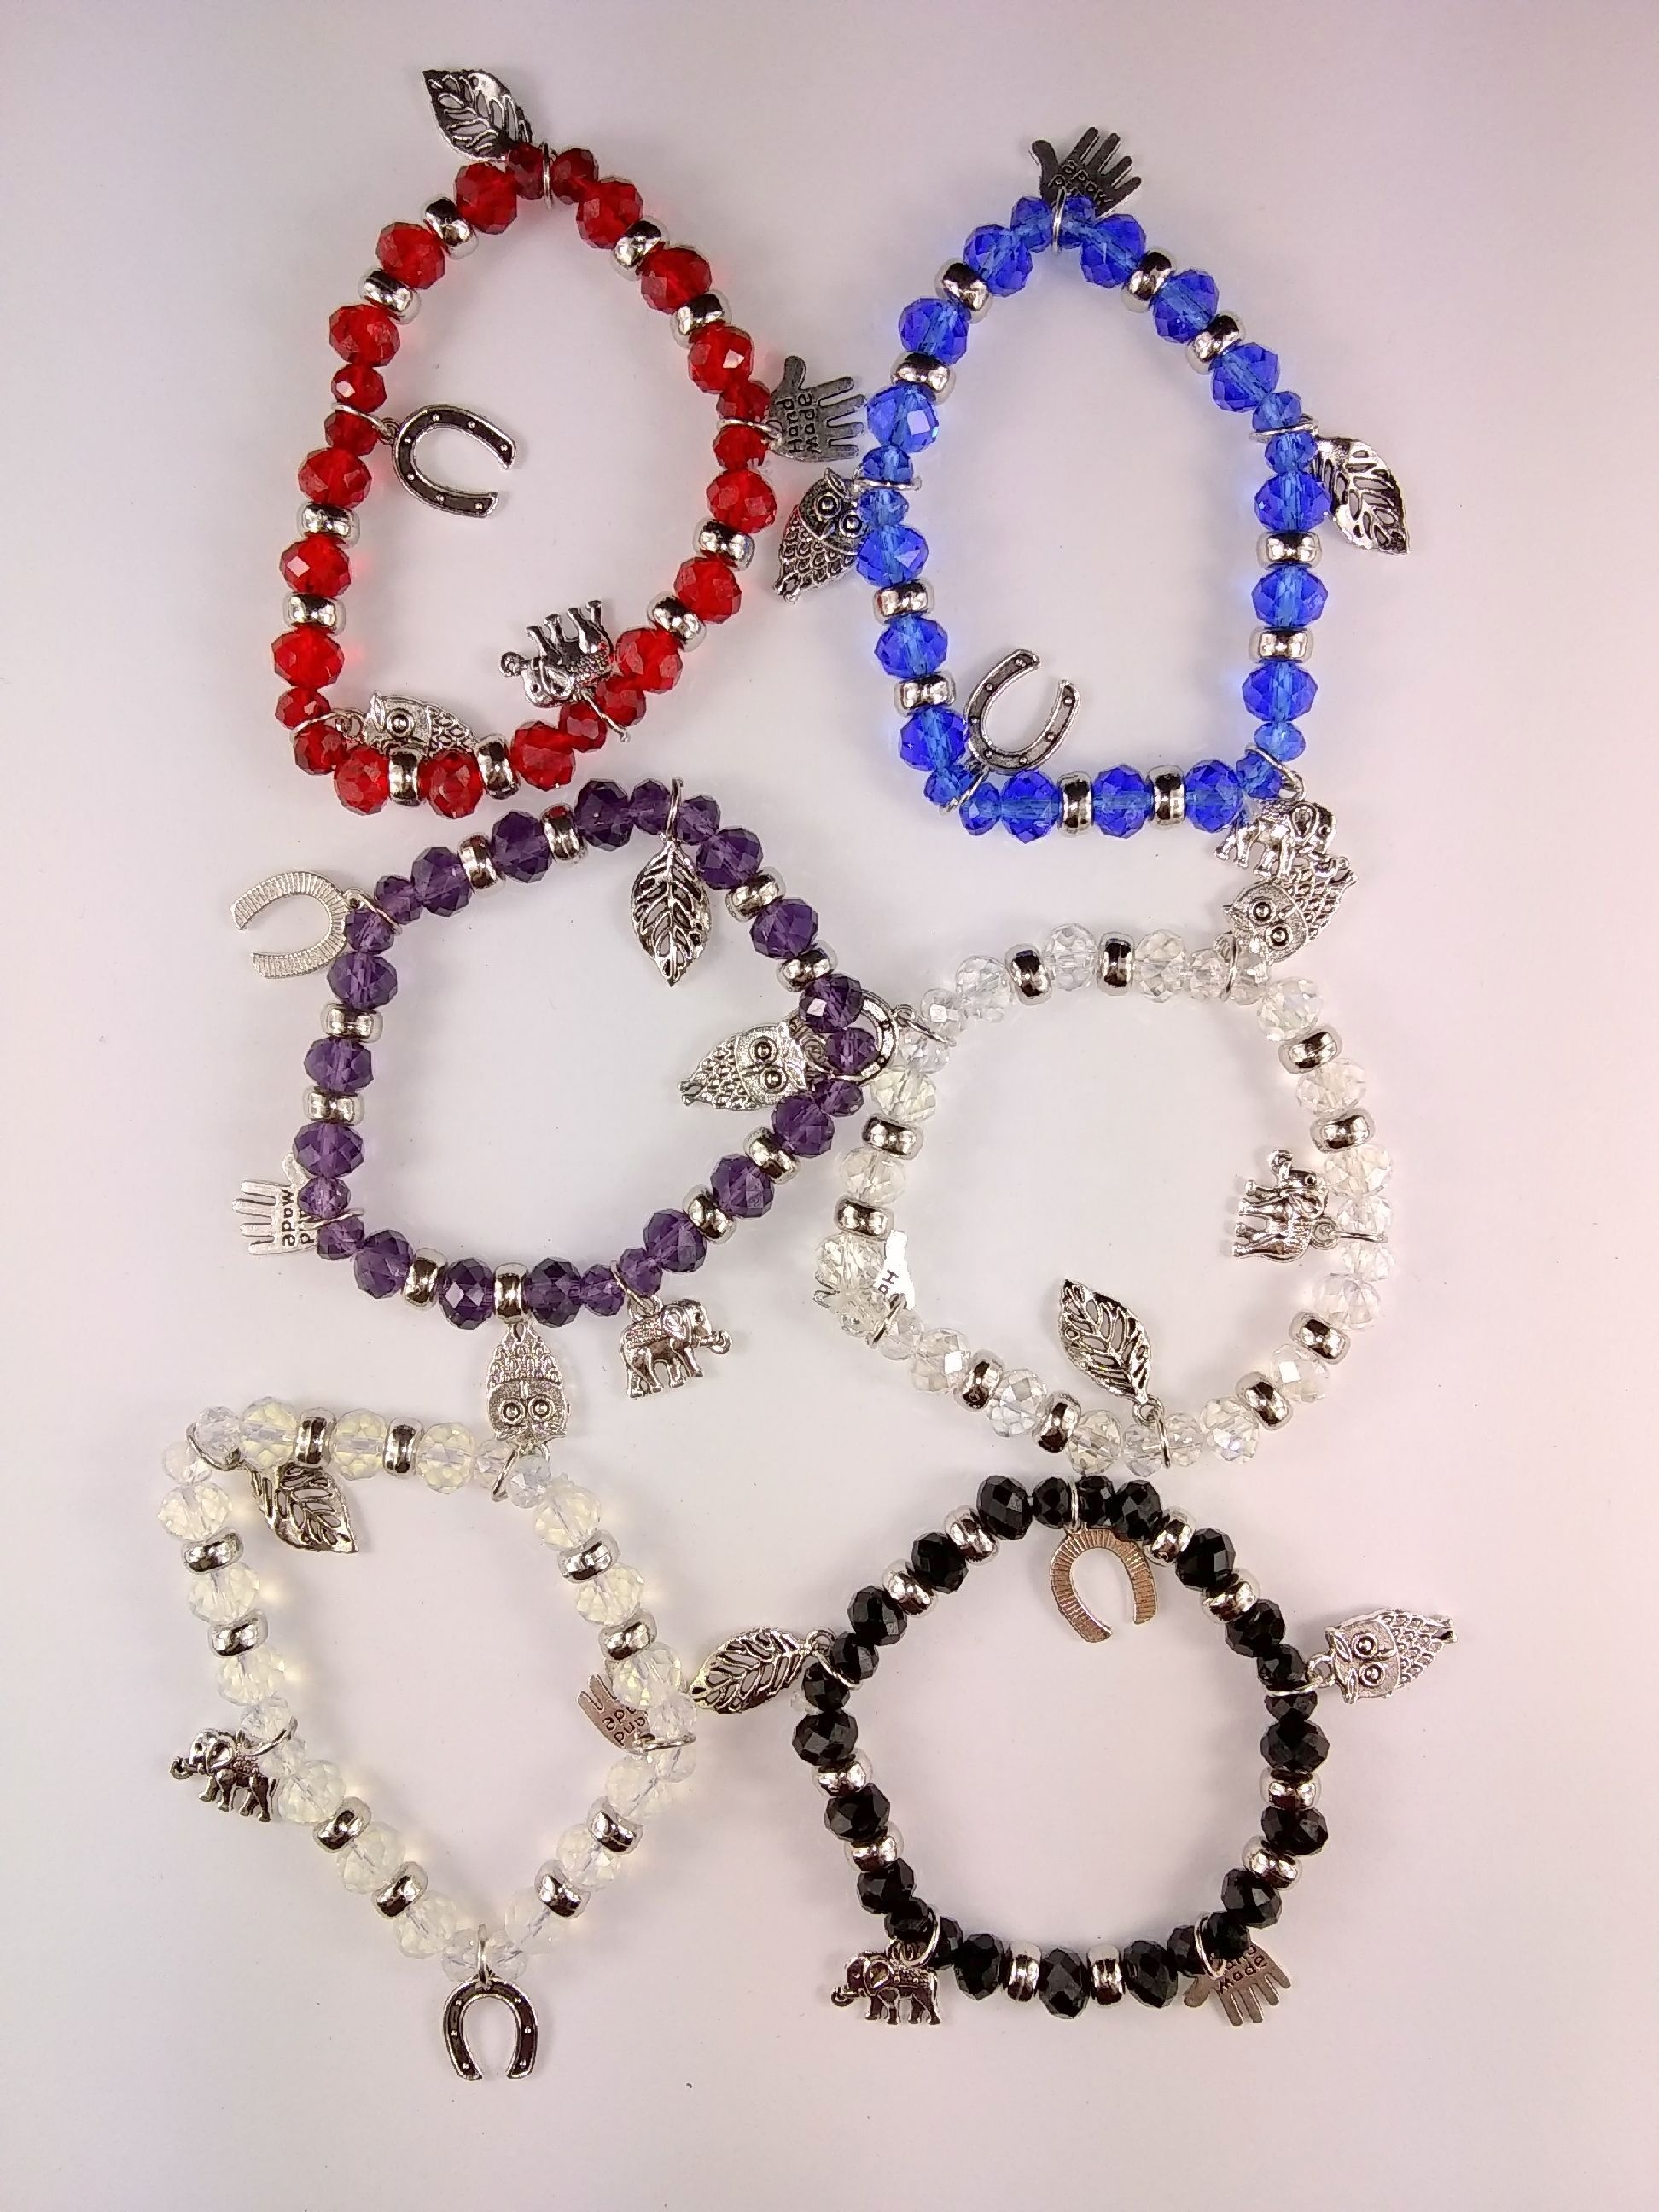 Fashion - Jewelry - Charm BRACELET SA-2080 SOLD BY THE DOZEN